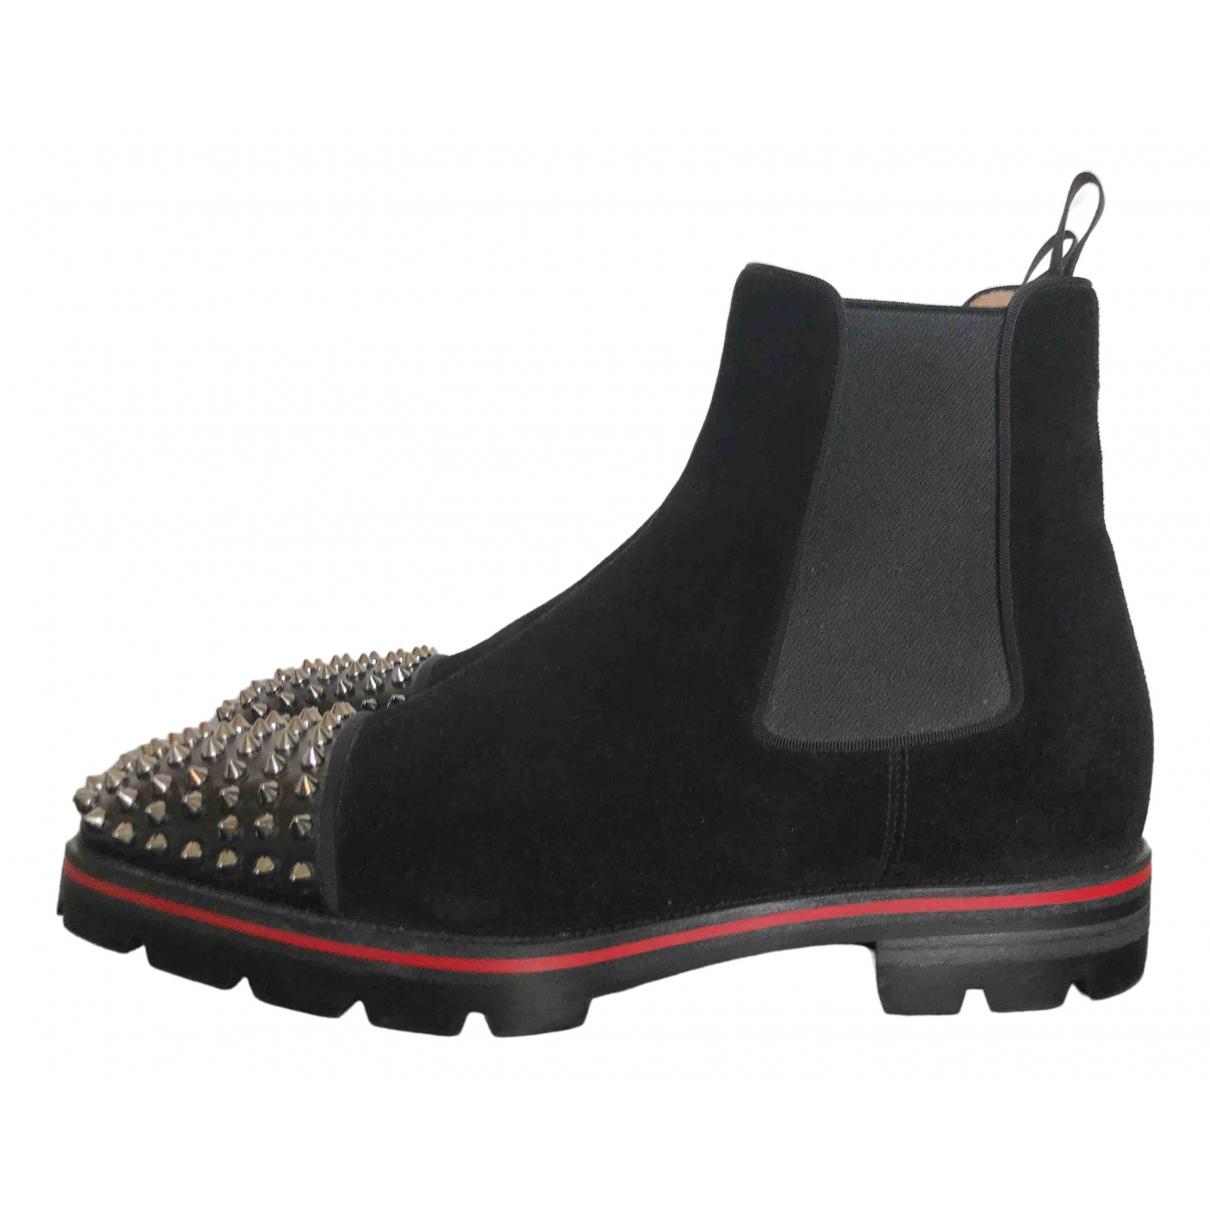 Christian Louboutin - Bottes.Boots   pour homme en suede - noir